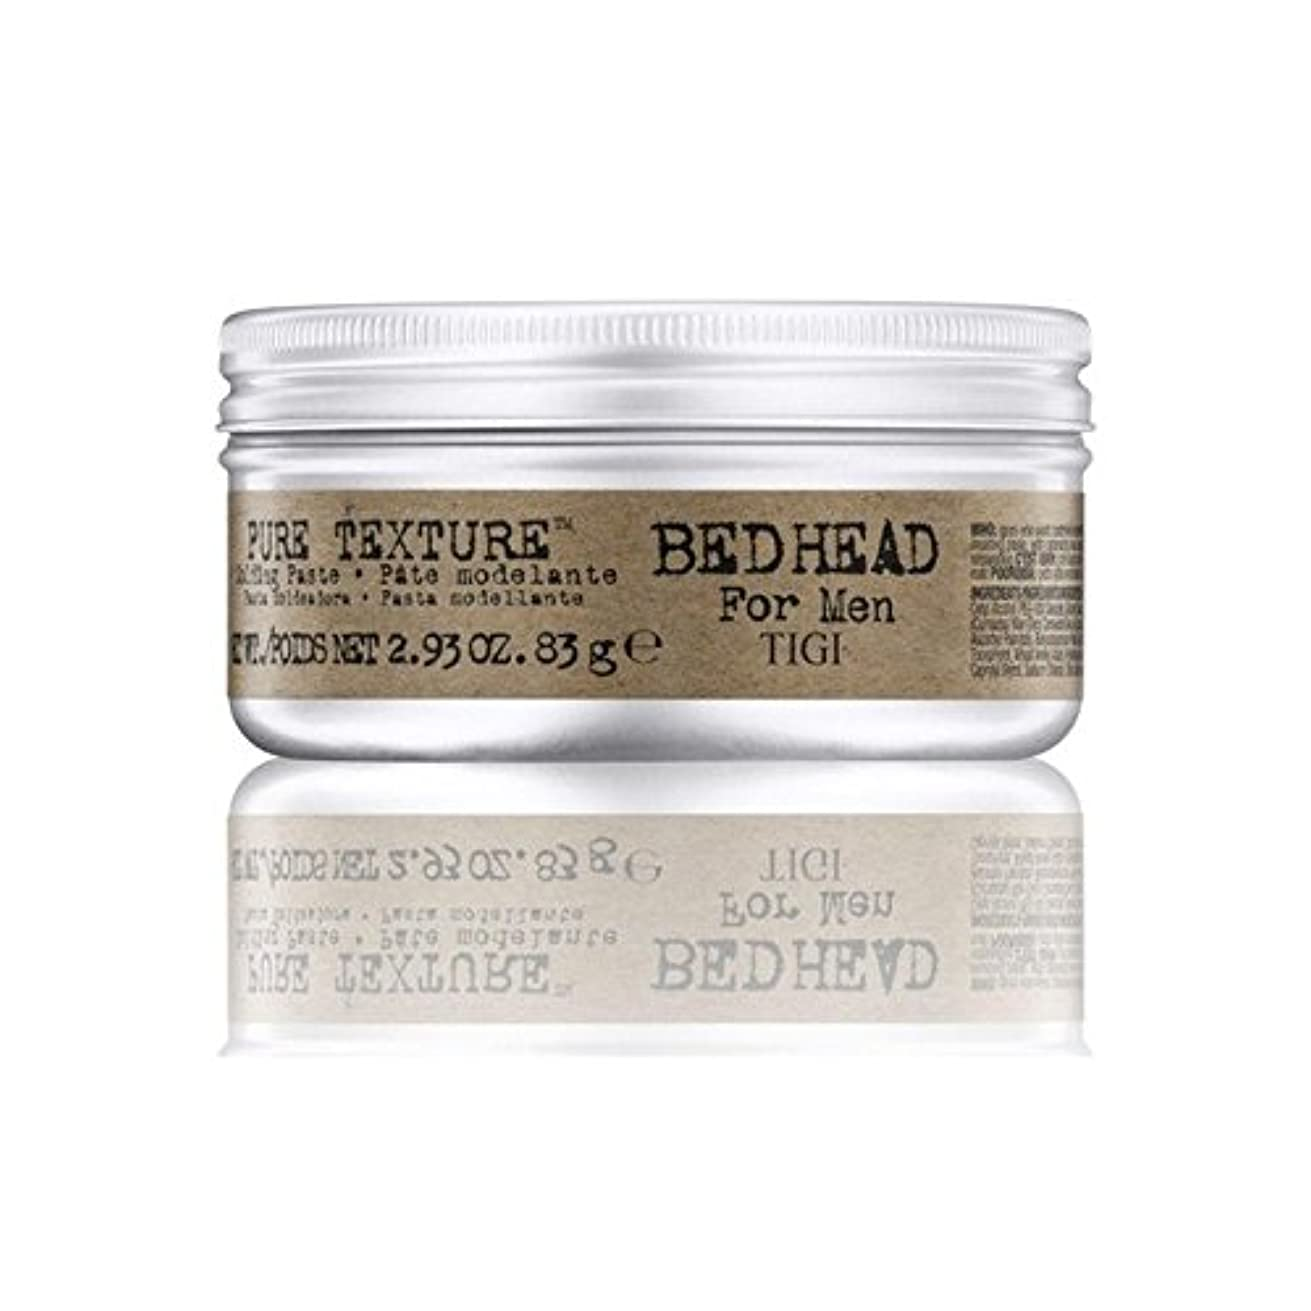 Tigi Bed Head For Men Pure Texture Molding Paste (83G) (Pack of 6) - 男性の純粋なテクスチャーモールディングペースト(83グラム)のためのティジーベッドヘッド...